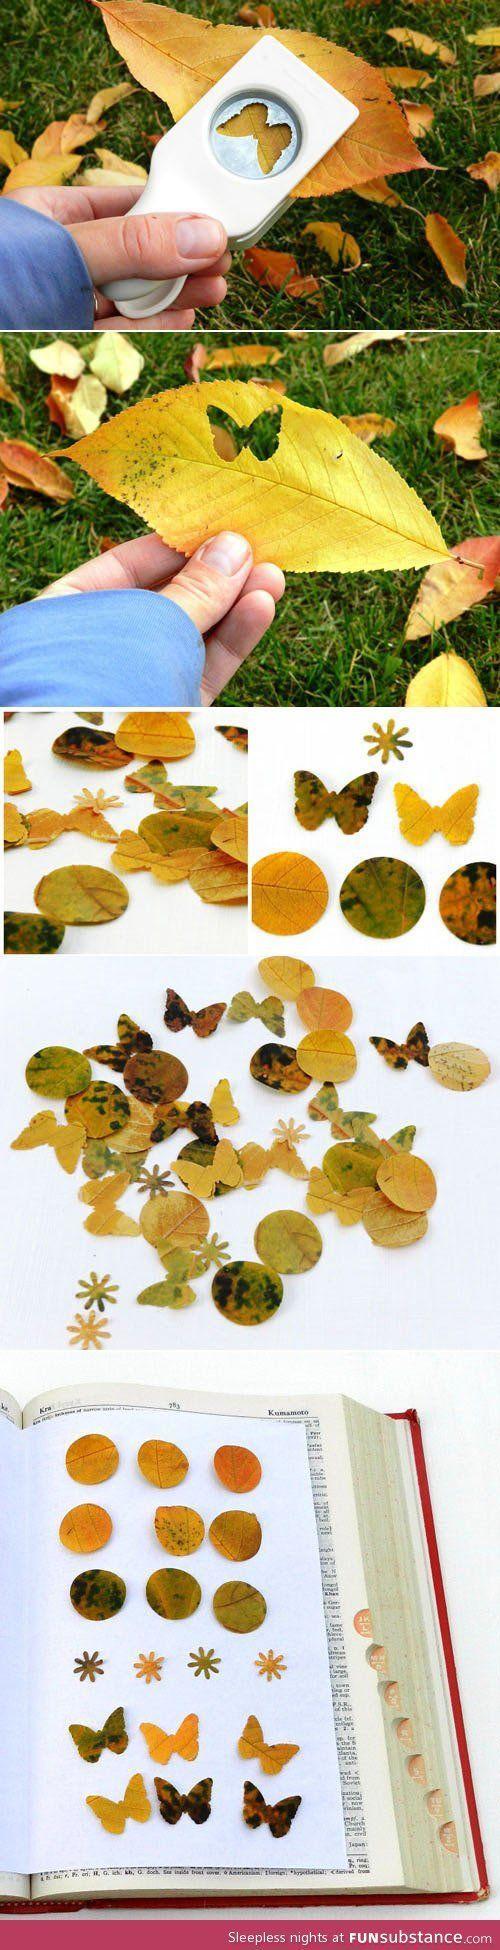 #crafts #leaves of #trees Perforadoras de formas decorativas con hojas de árboles